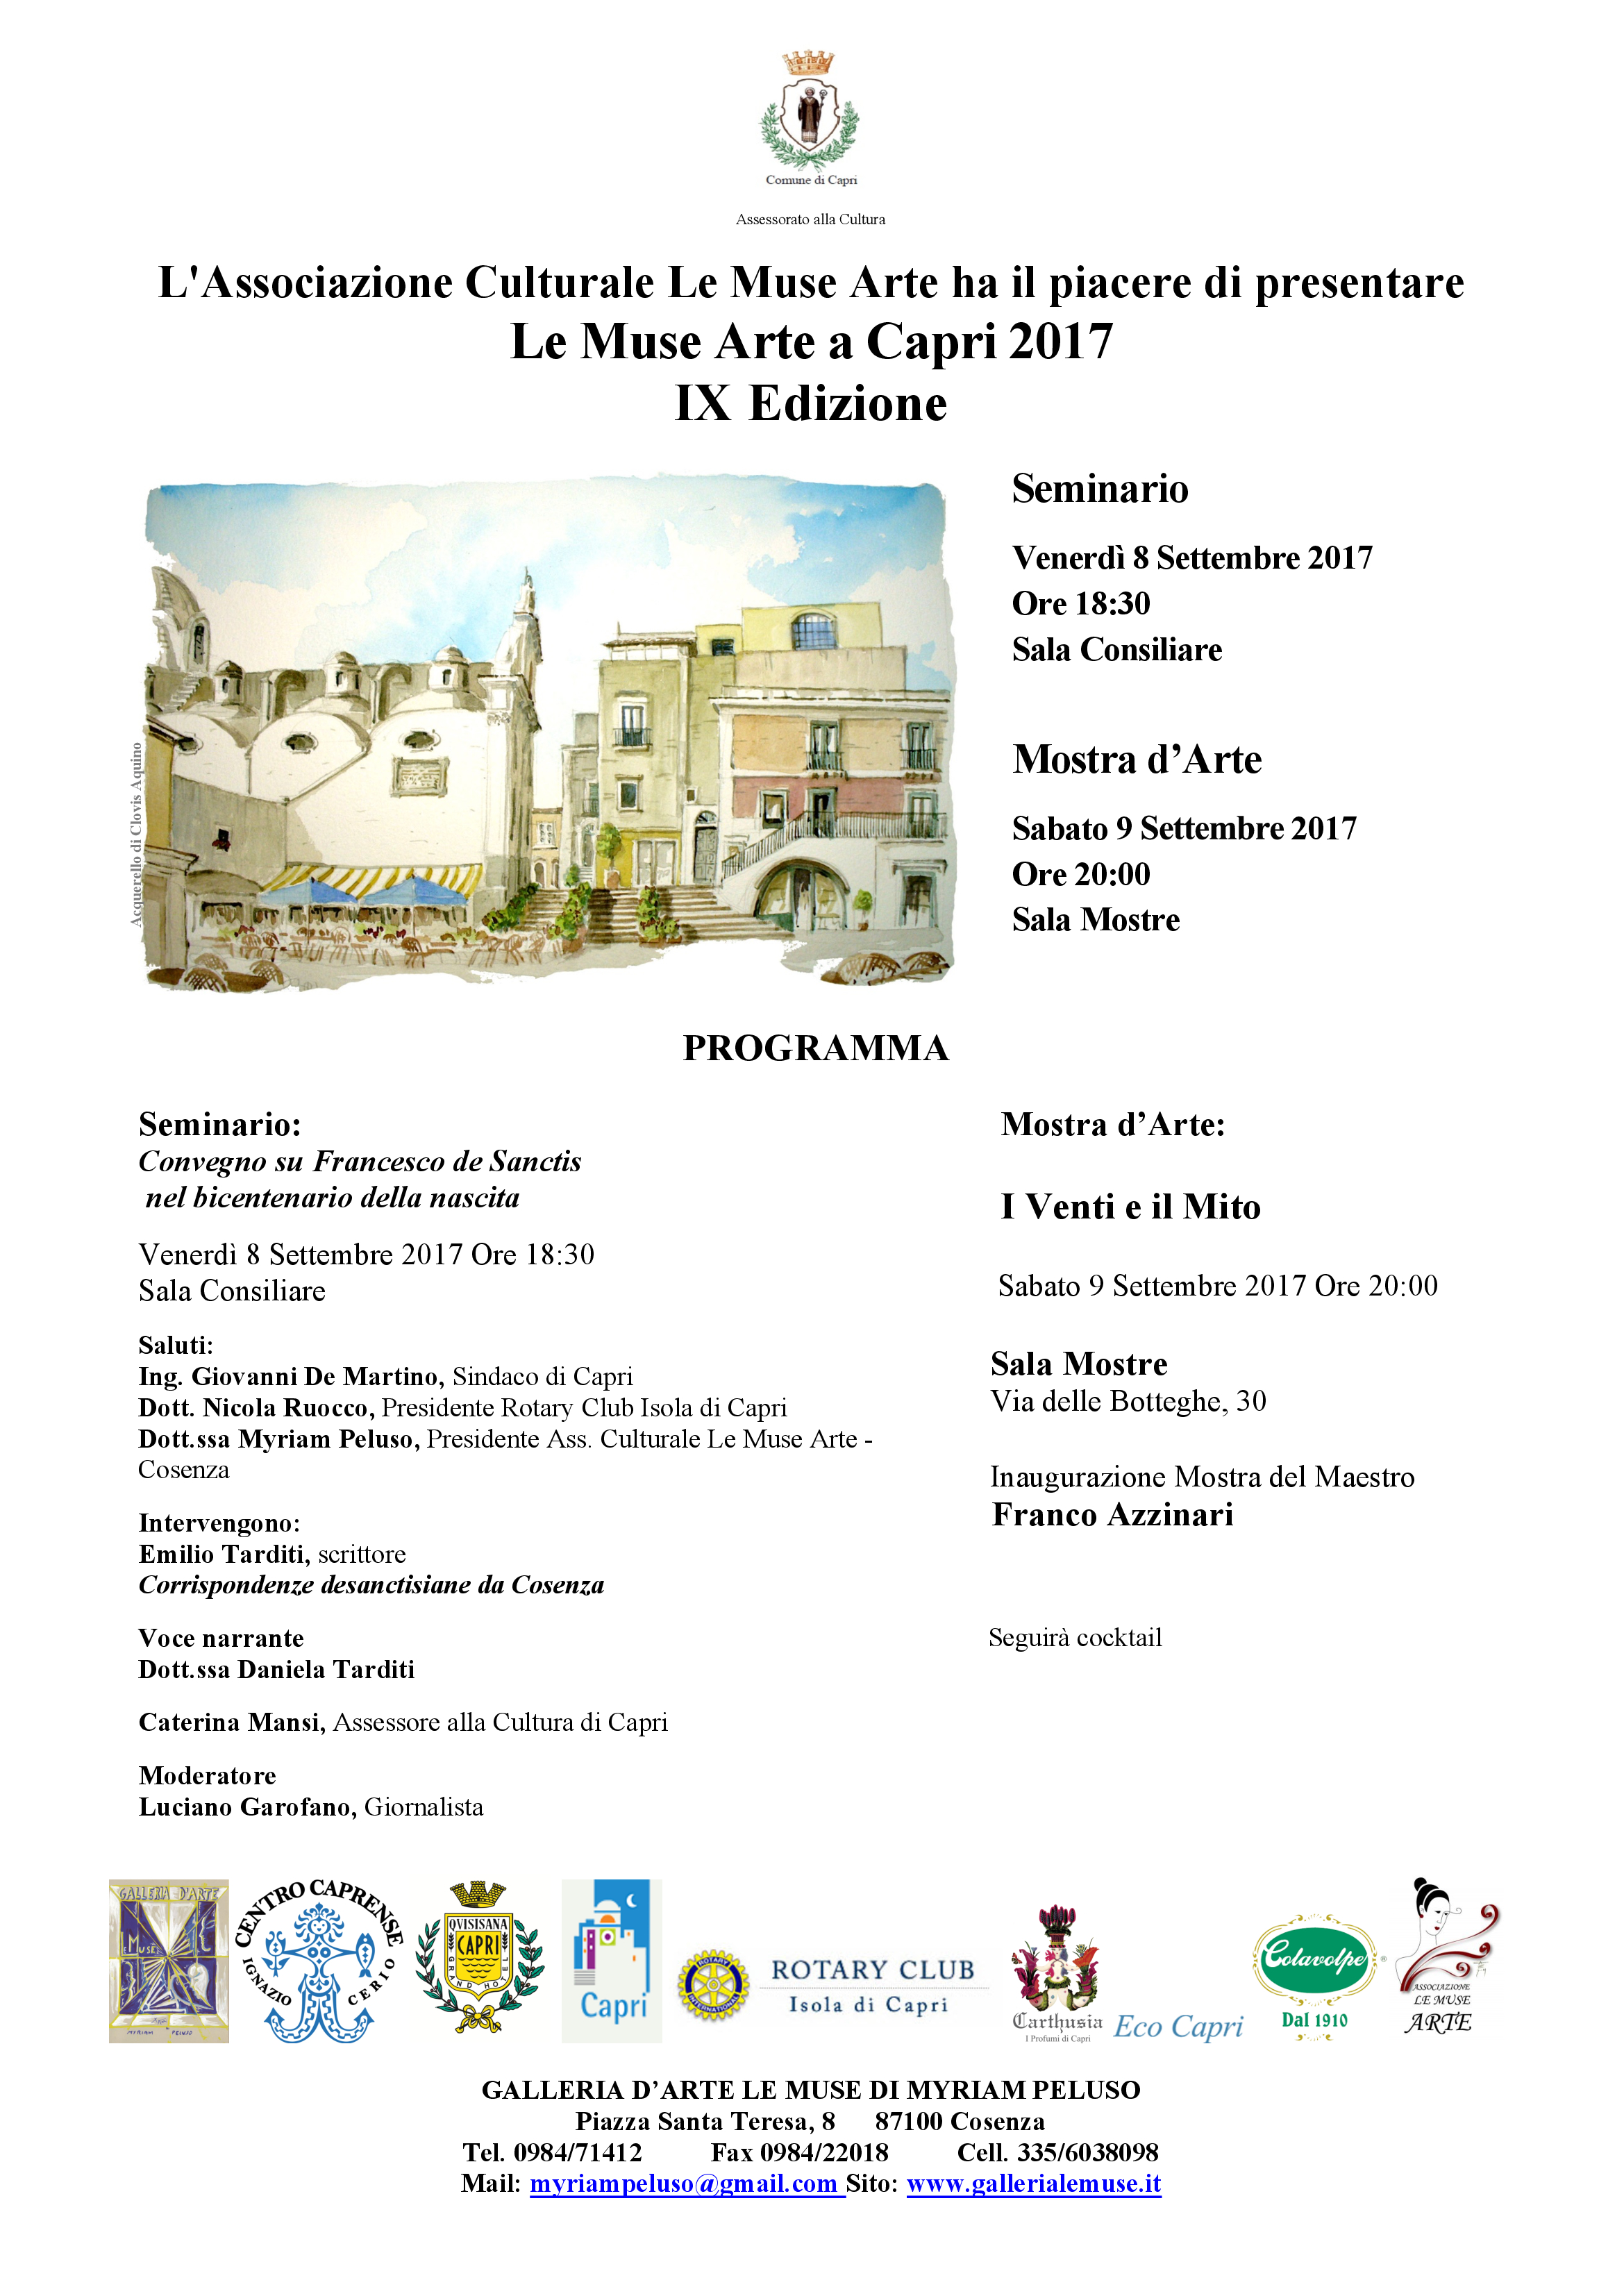 """"""" Le Muse Arte a Capri"""" il programma della IX Edizione  Dall'8 al 18 Settembre 2017"""